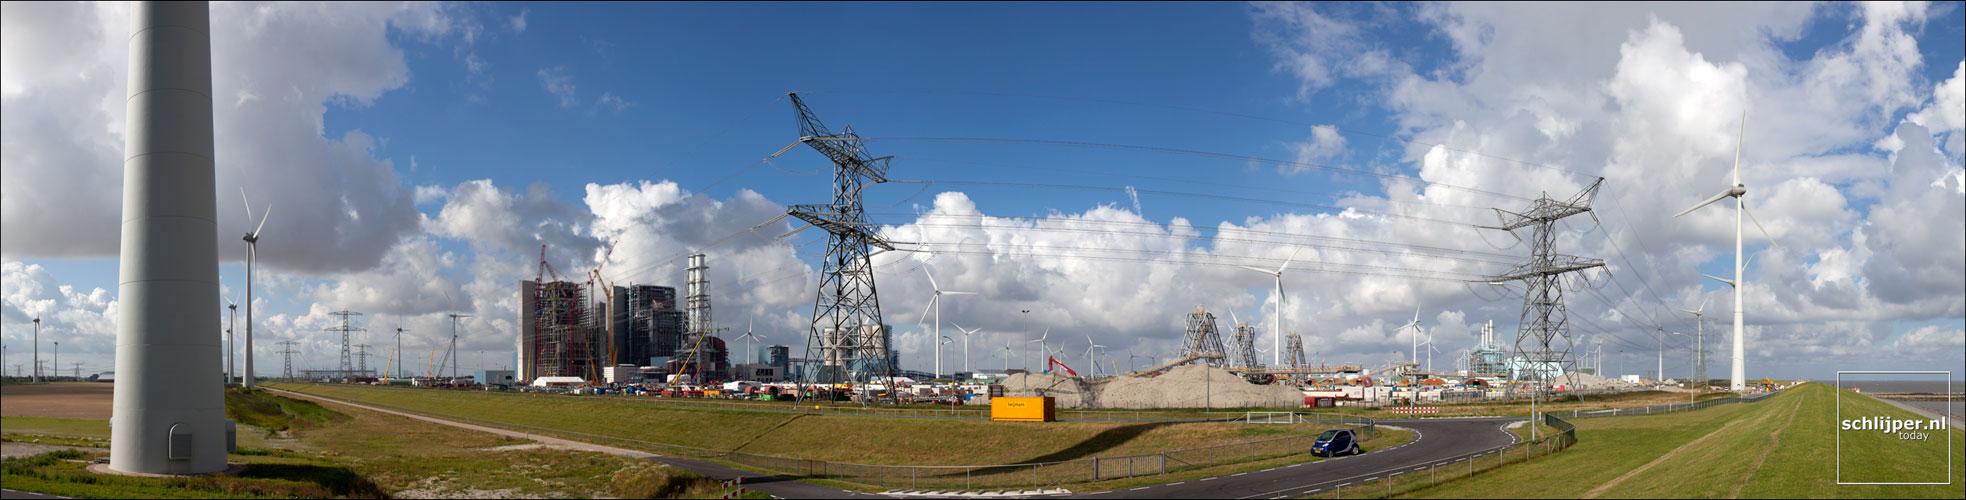 Nederland, Eemshaven, 22 augustus 2012